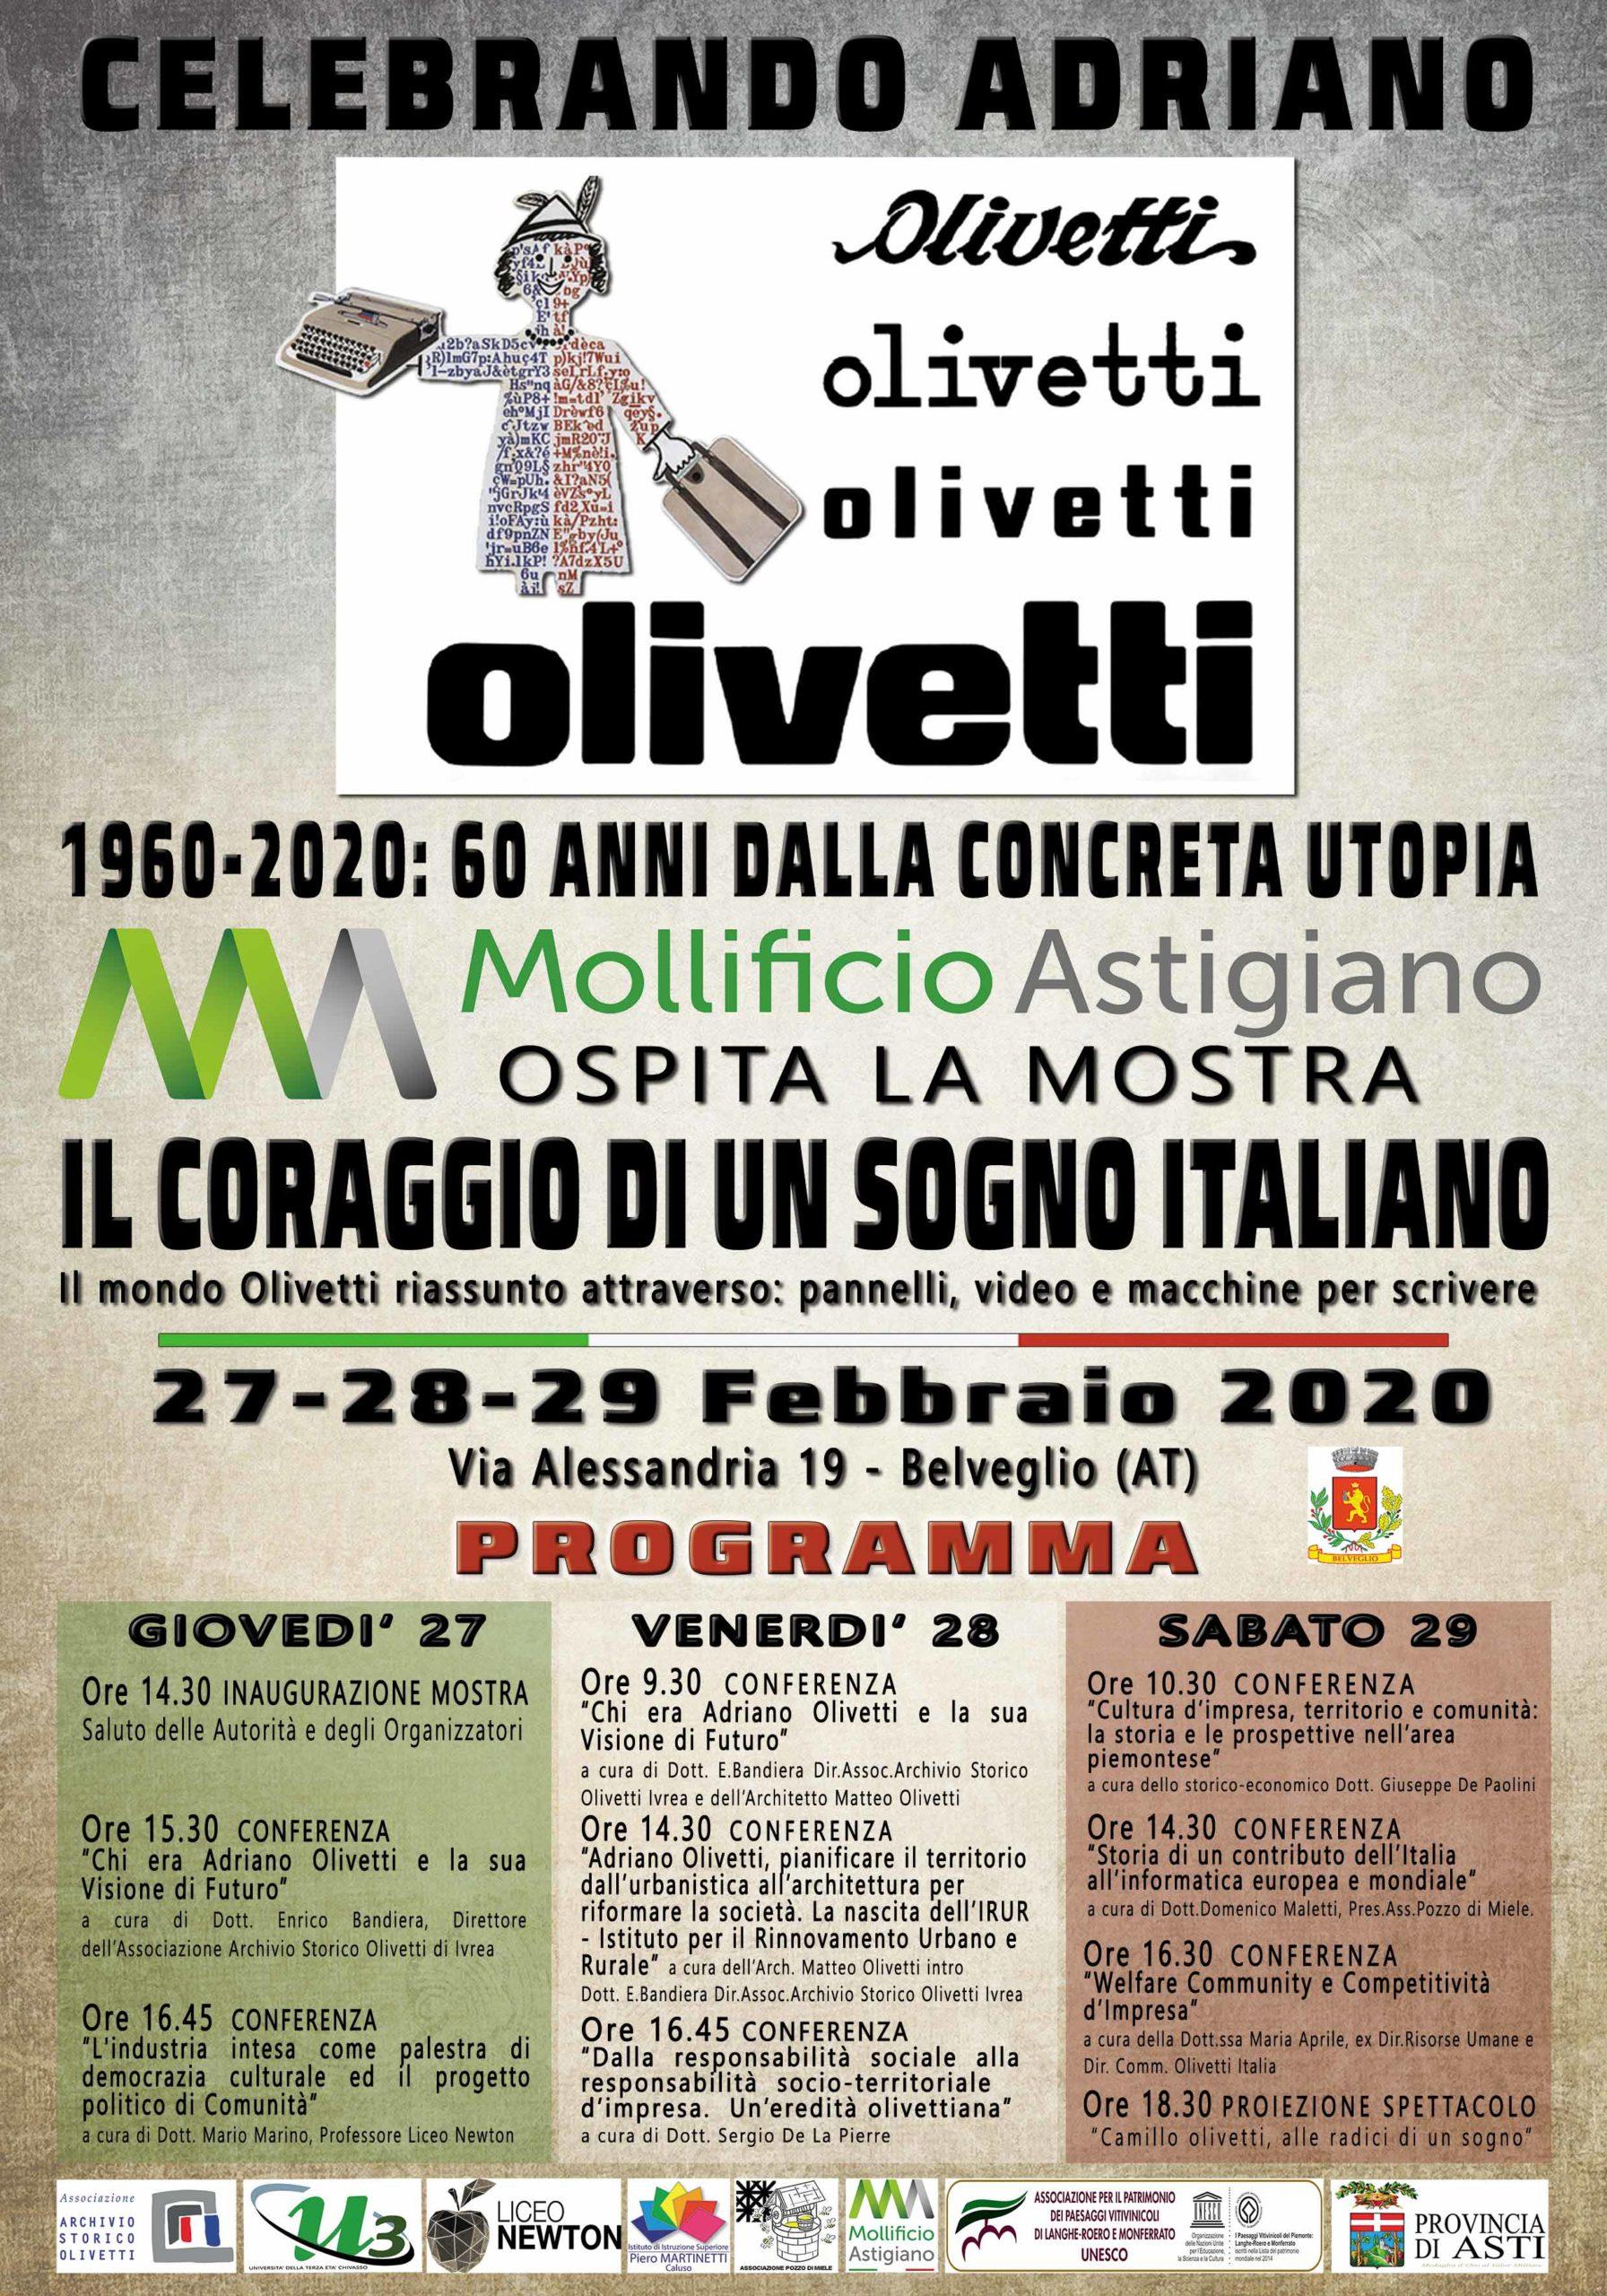 Adriano-Olivetti-anniversario-60-anni